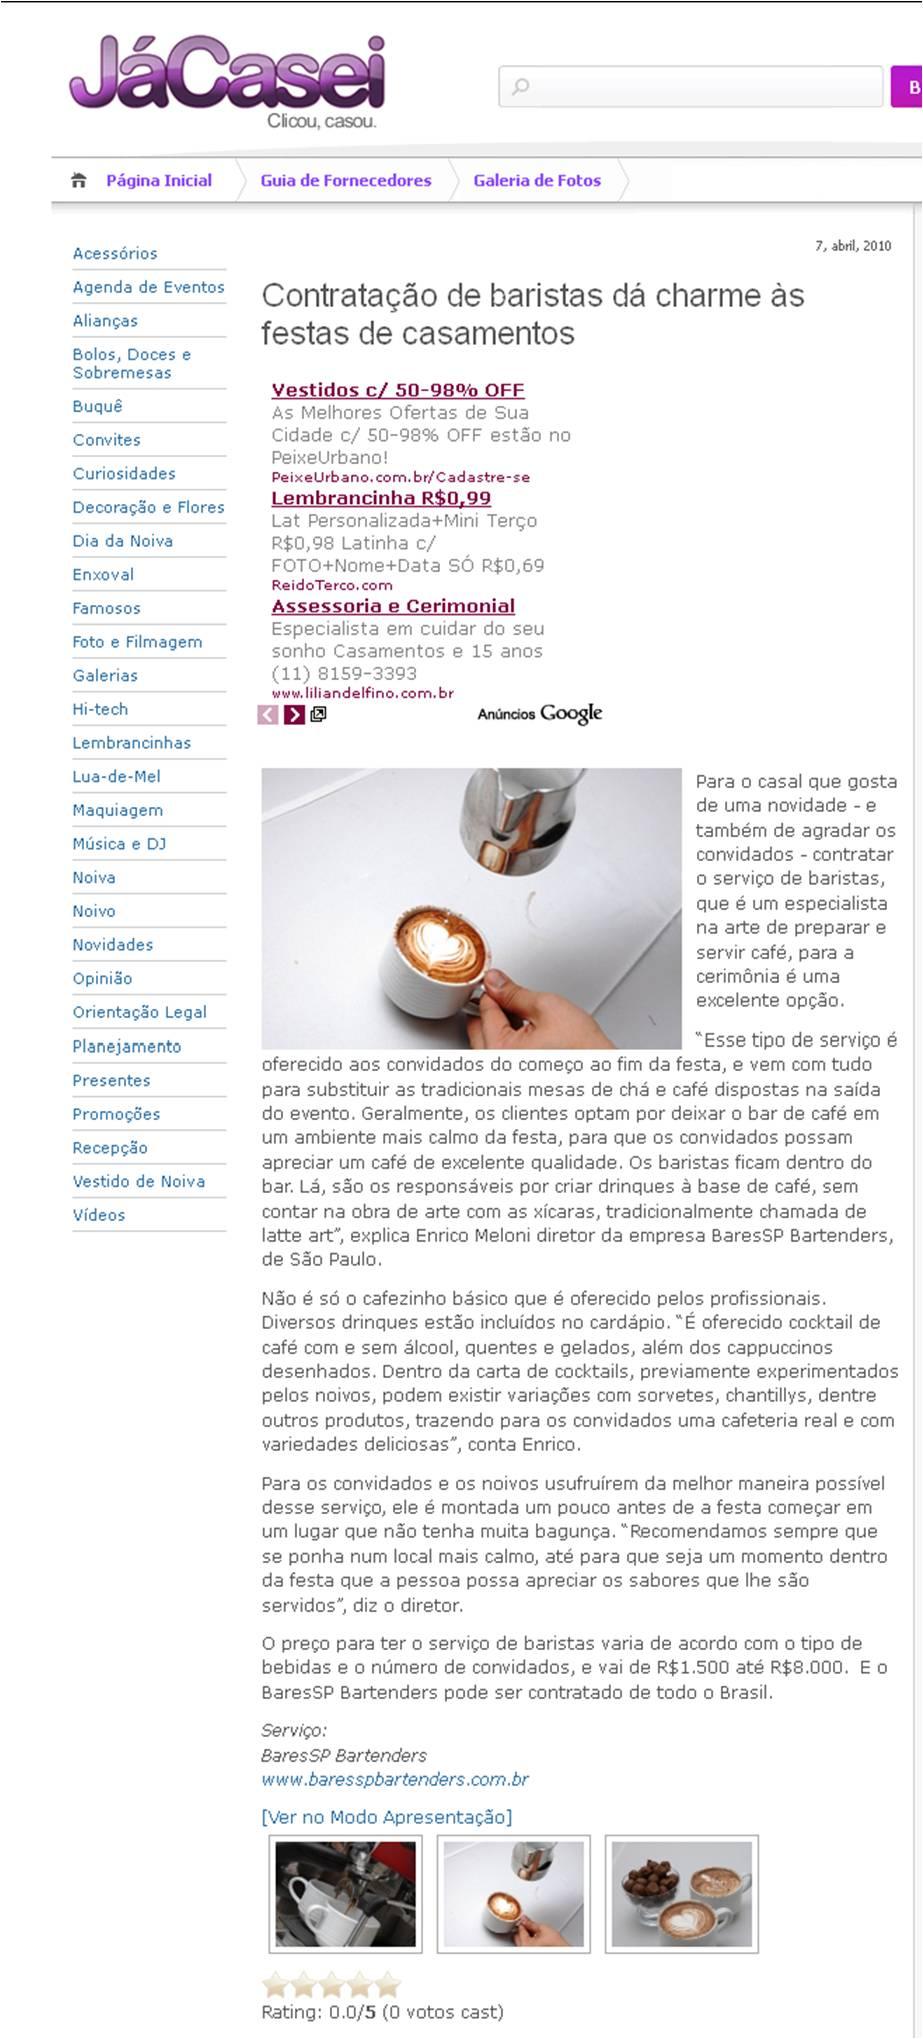 Matéria sobre baristas no Site JaCasei.com BaresSP image